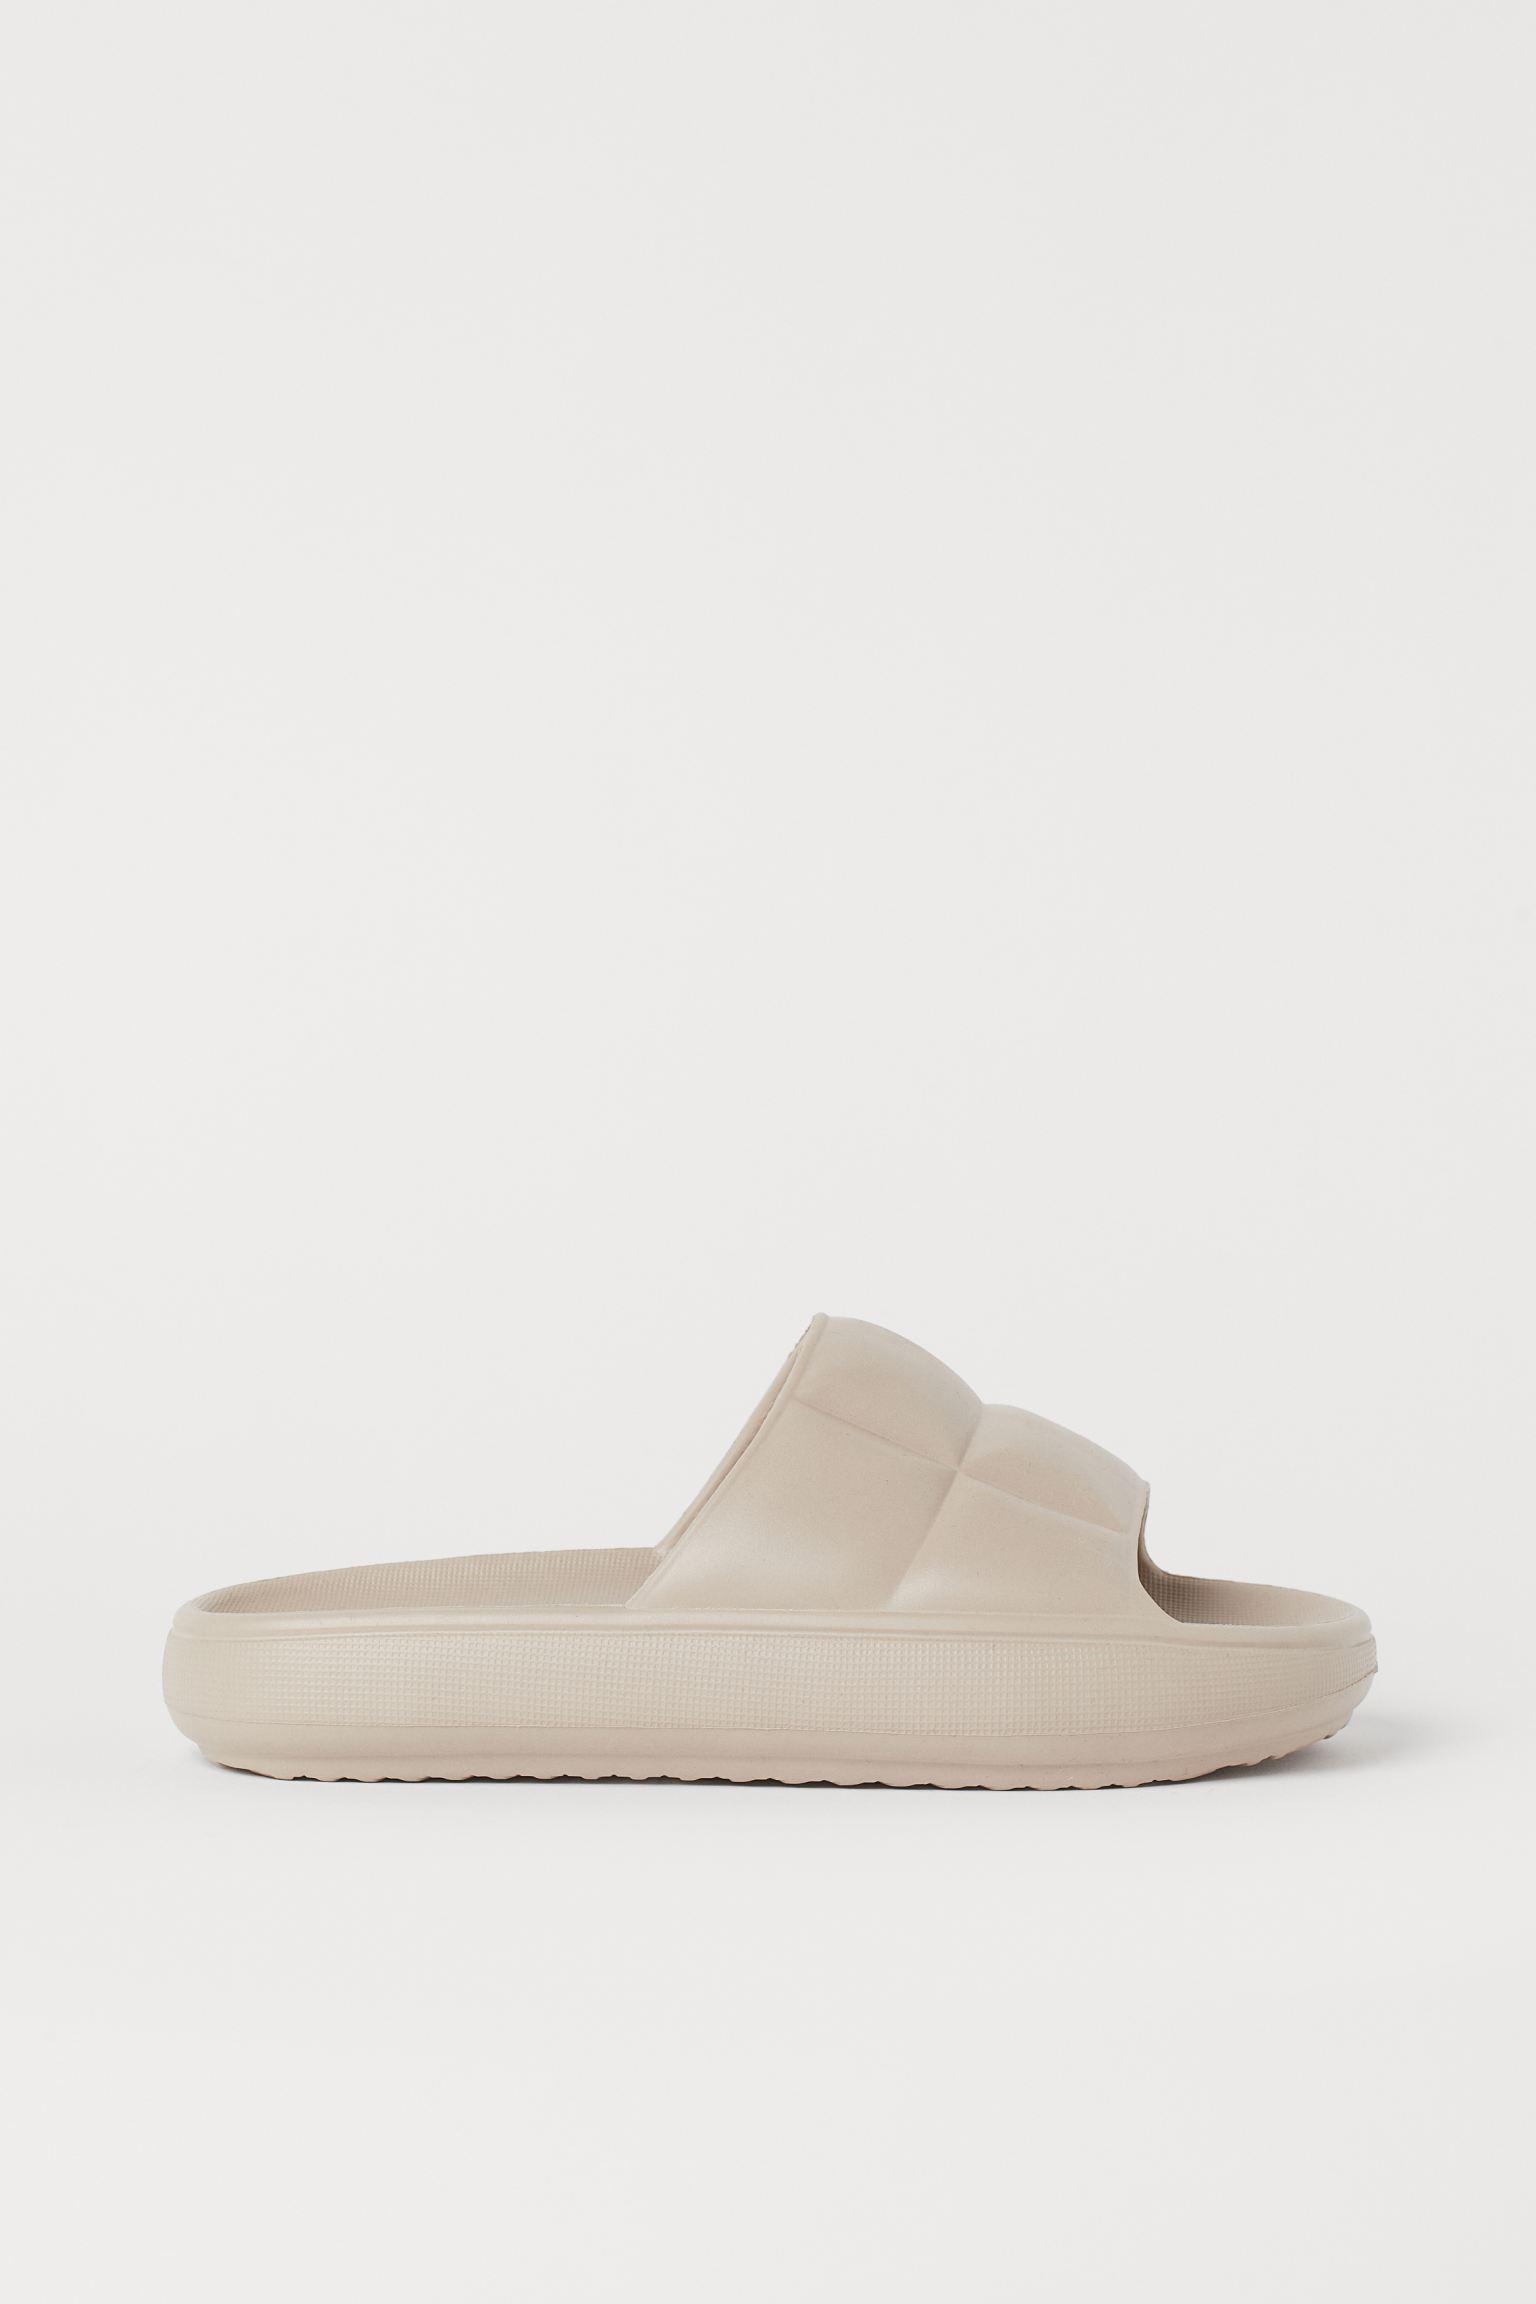 Zapatillas de baño de una pieza con tira ancha acolchada de aspecto guateado. Suelas con diseño.